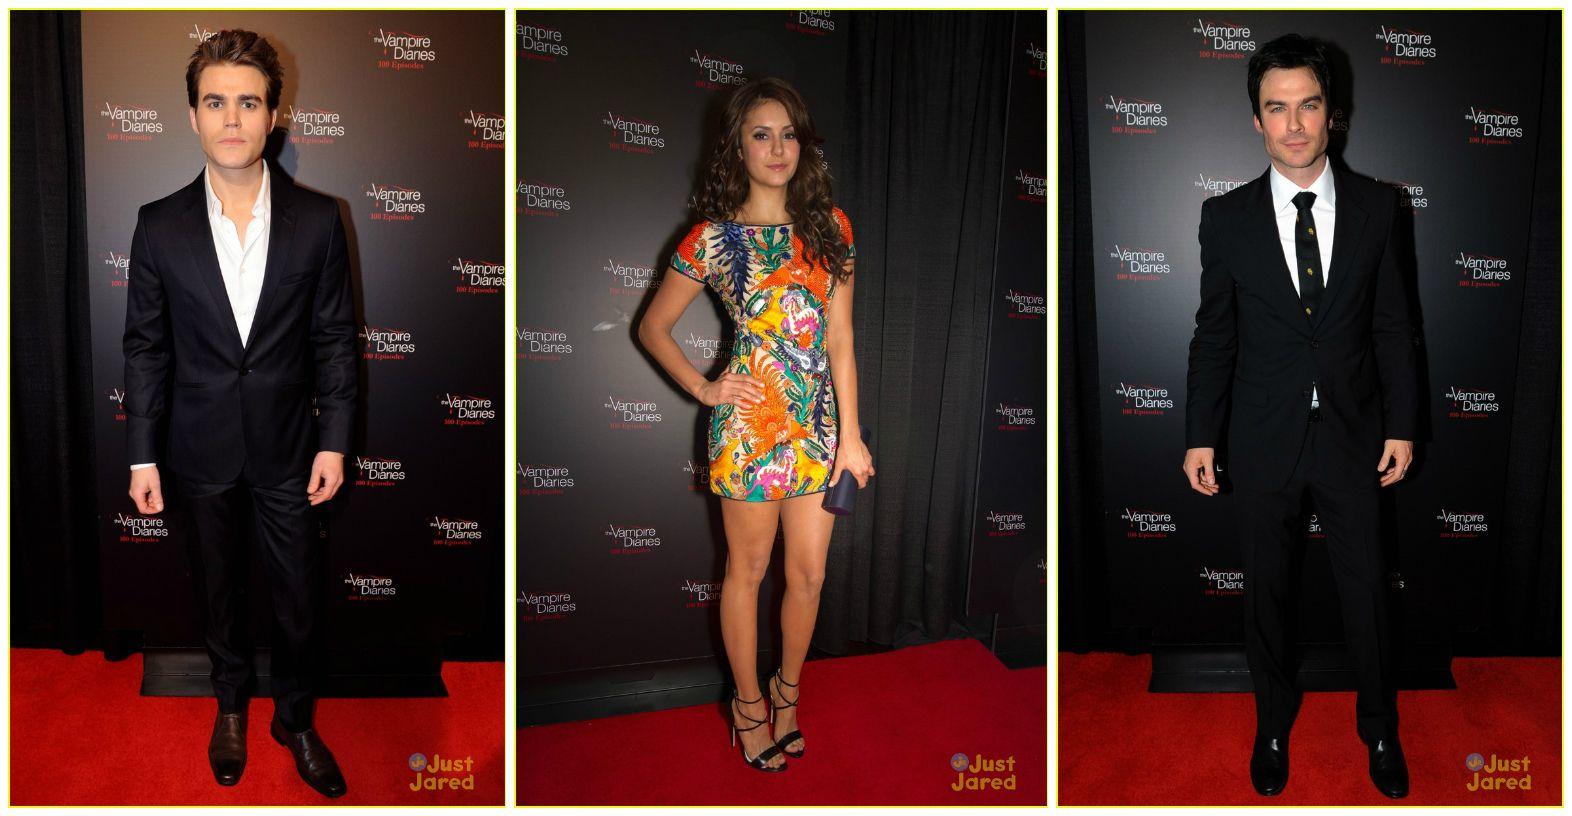 Paul Wesley, Nina Dobrev & Ian Somerhalder: #TheVampireDiaries 100th Episode Celebration